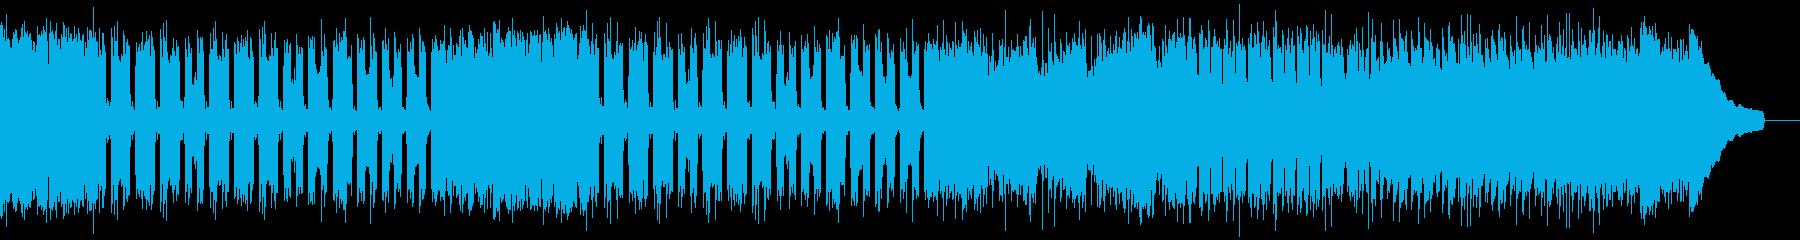 カントリー風ロックギター01Aの再生済みの波形